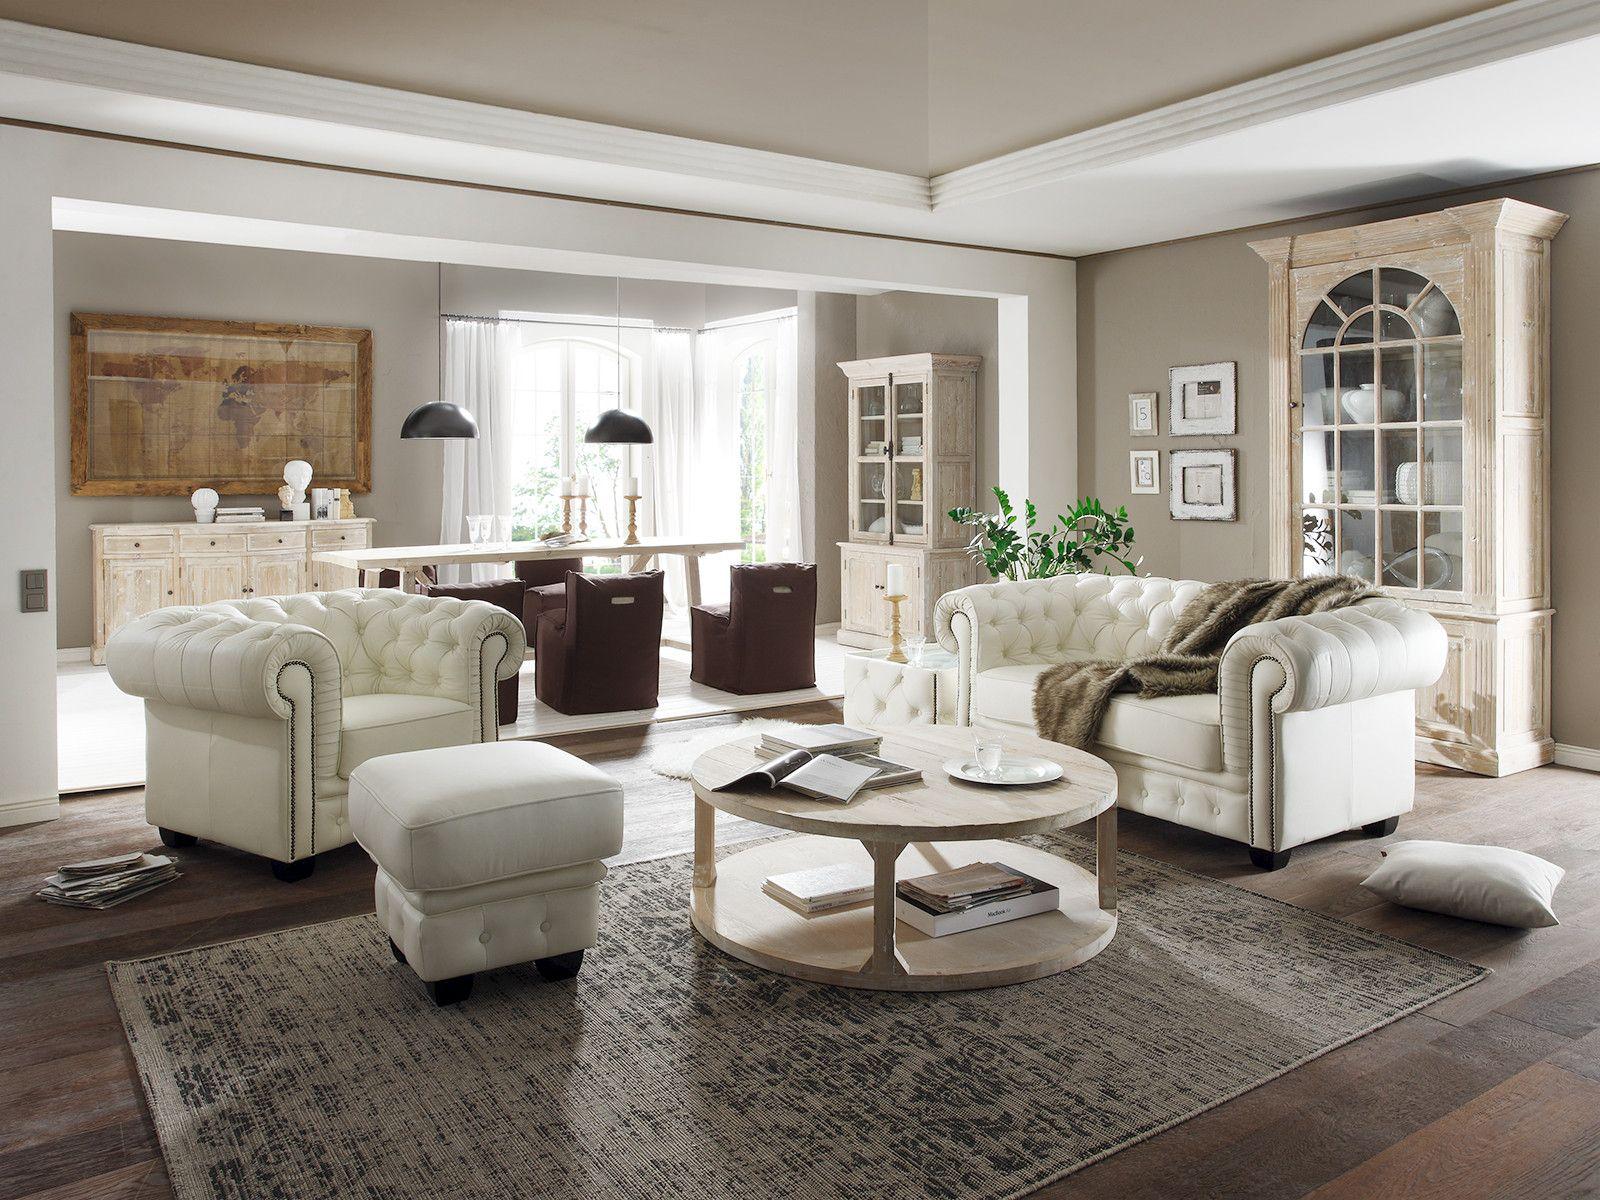 Wohnzimmer Cafe ~ Best wohnzimmer images living room abdominal